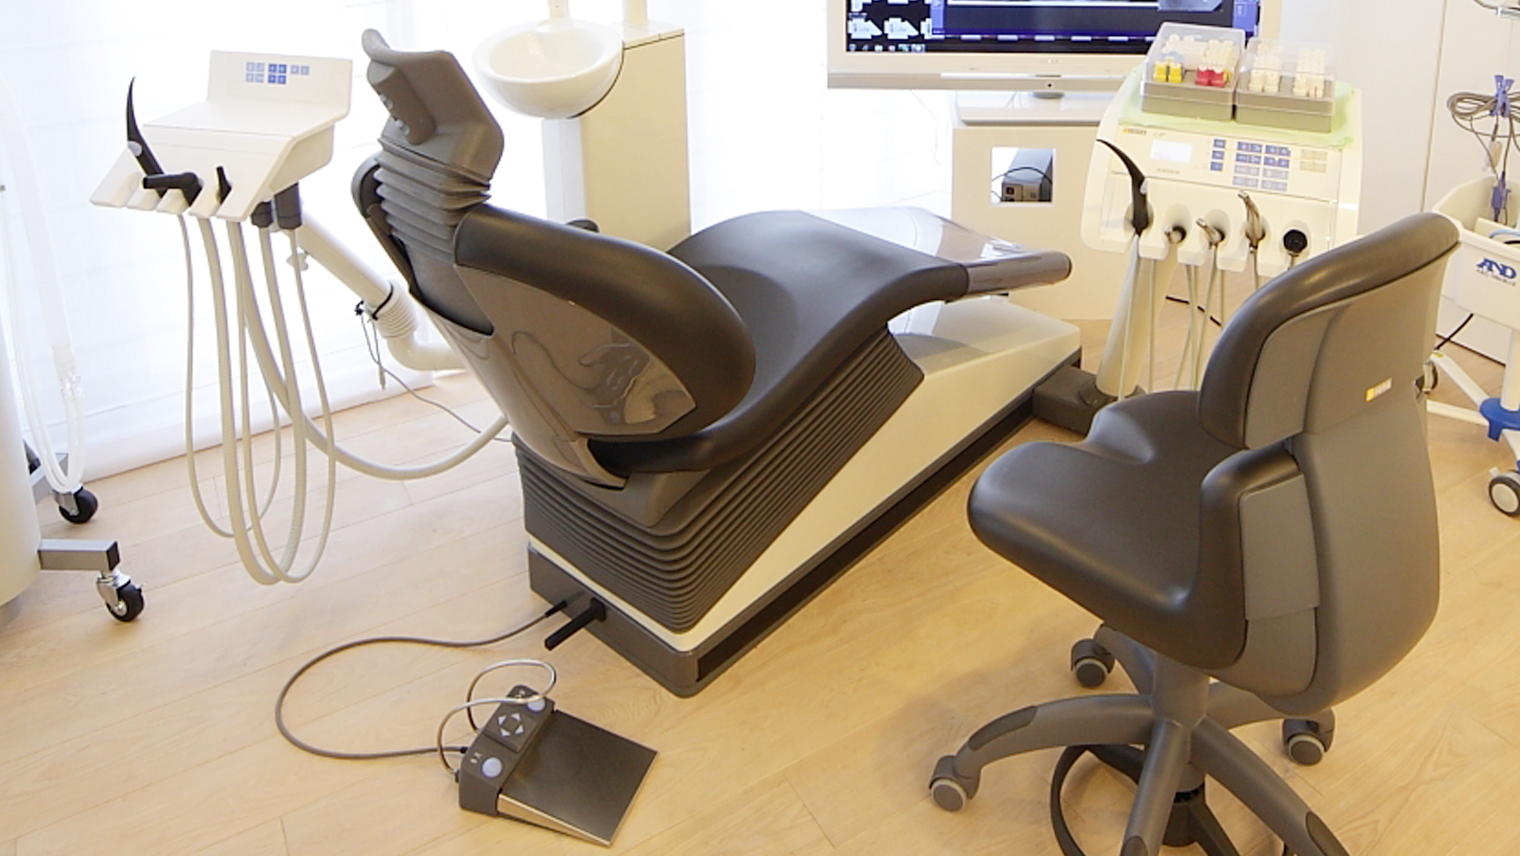 press_medical-facility01